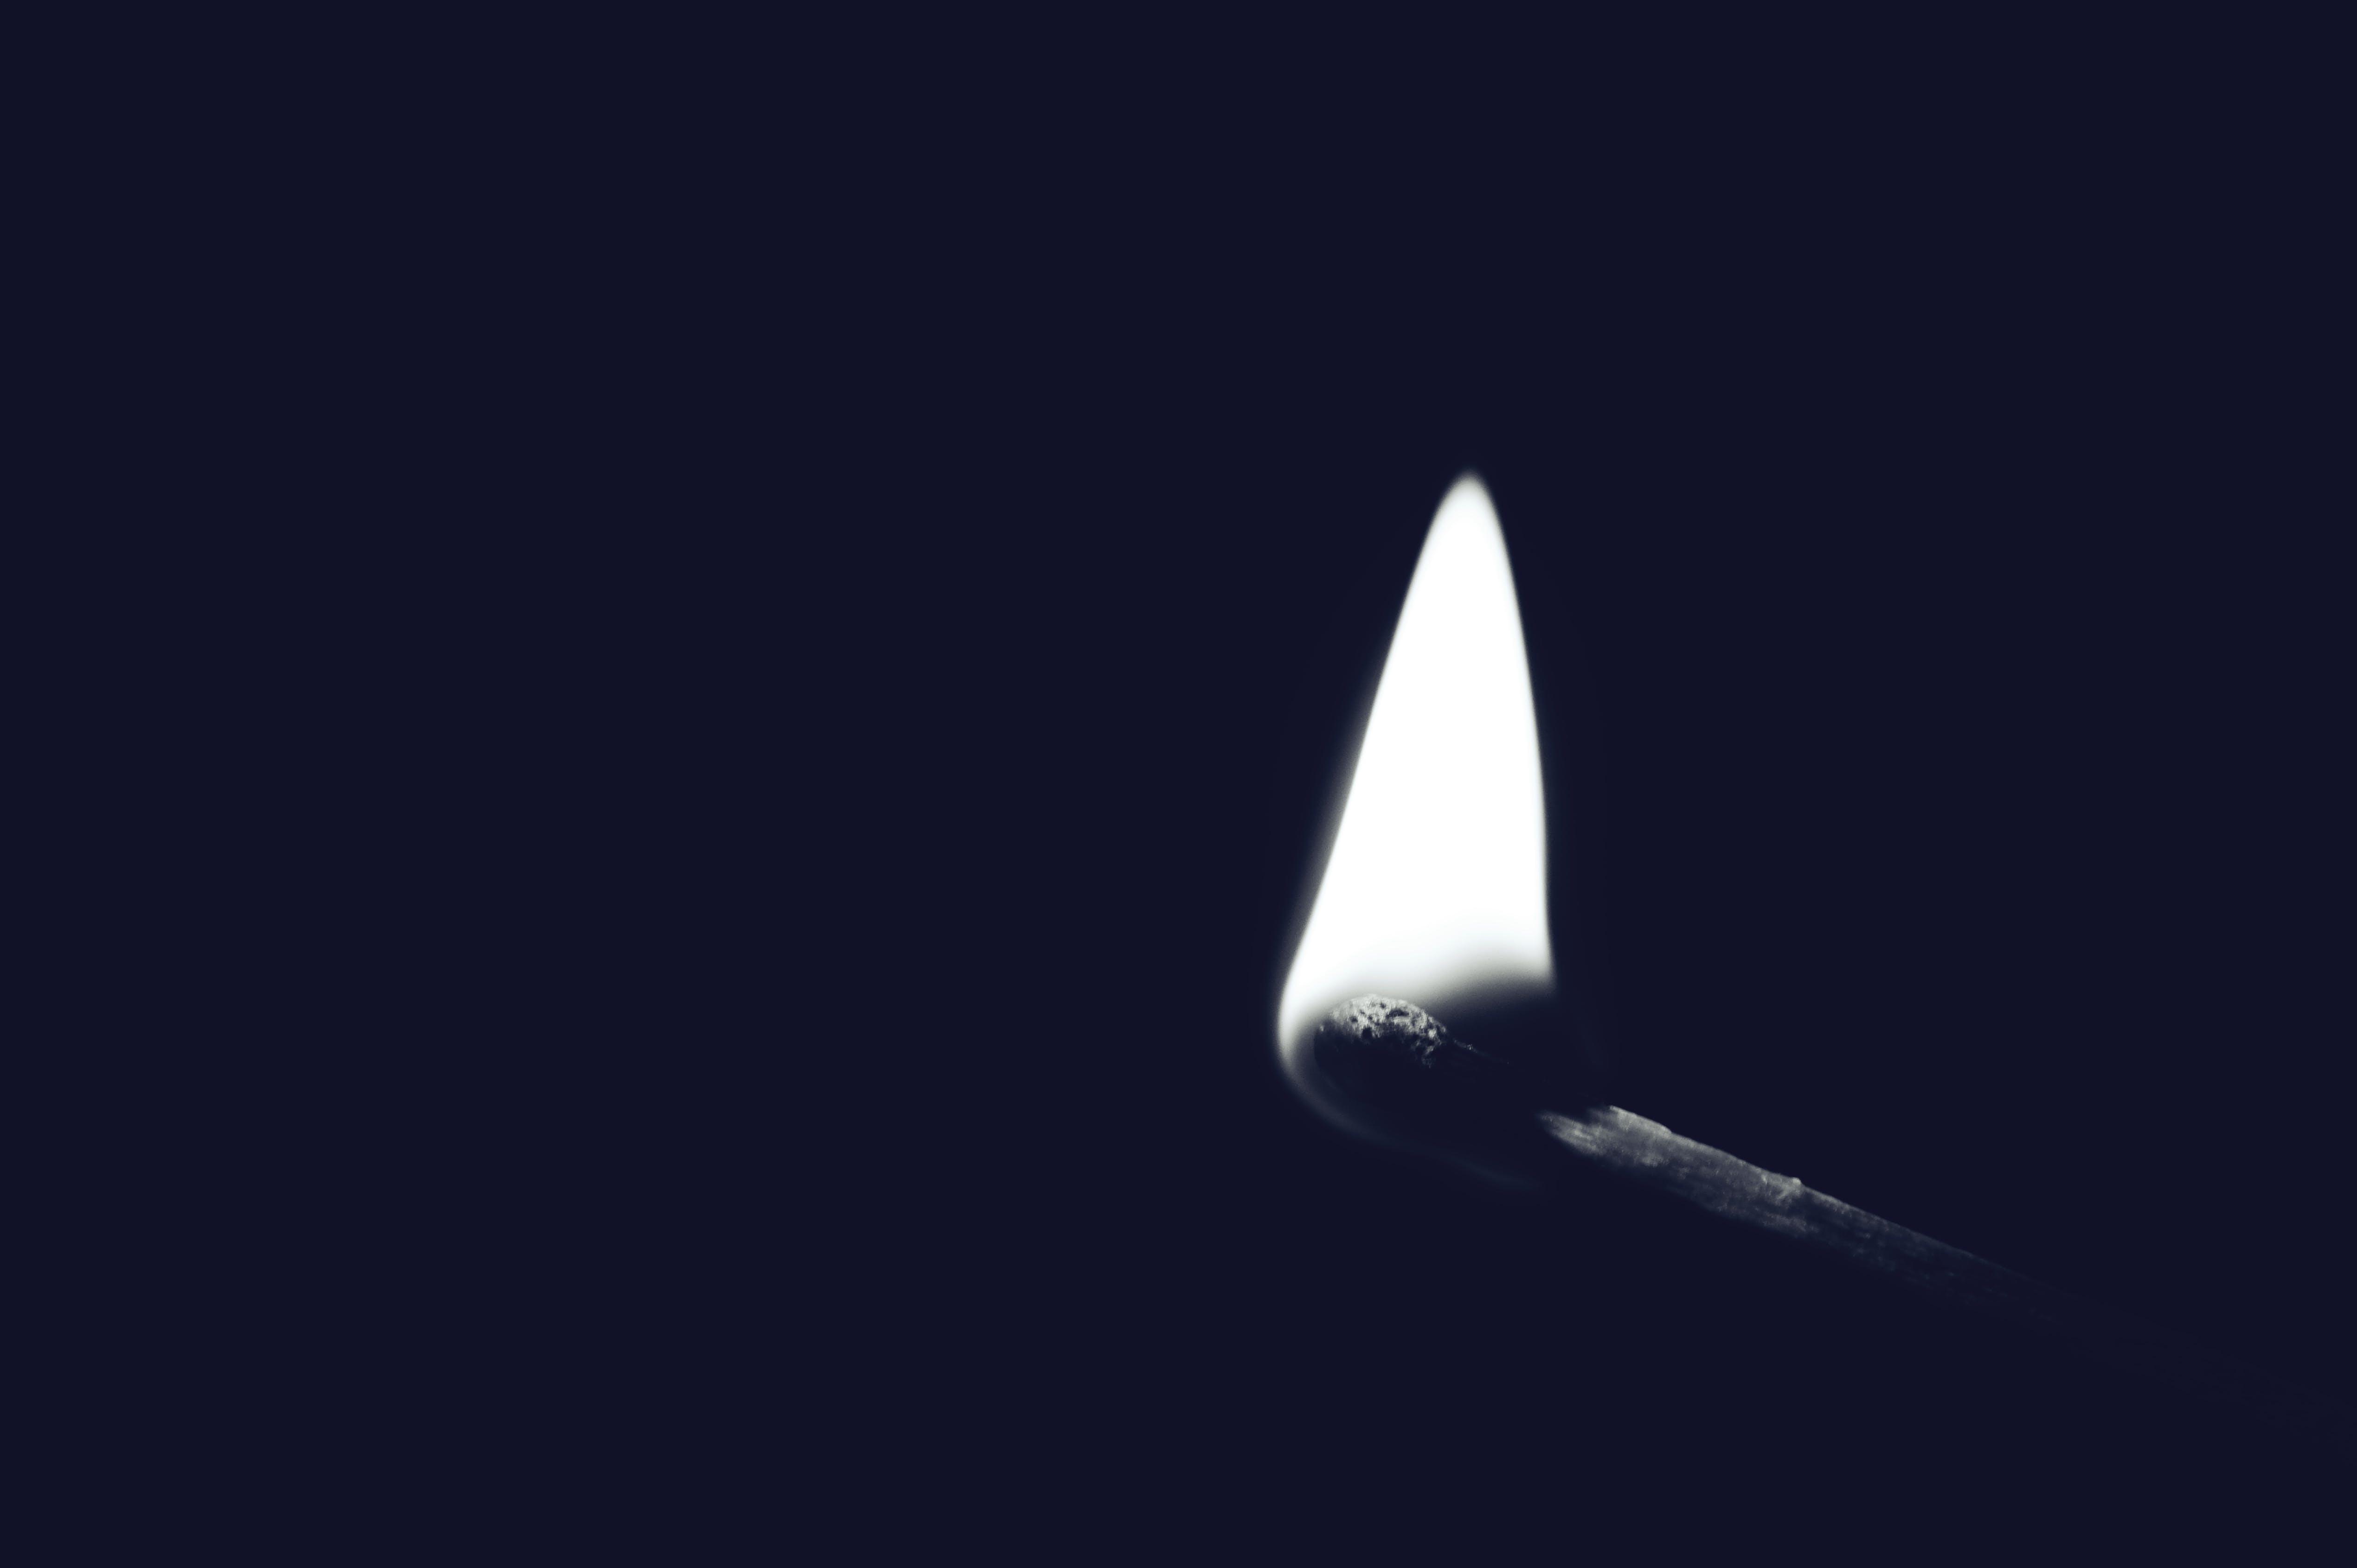 光, 形狀, 漆黑, 火 的 免費圖庫相片